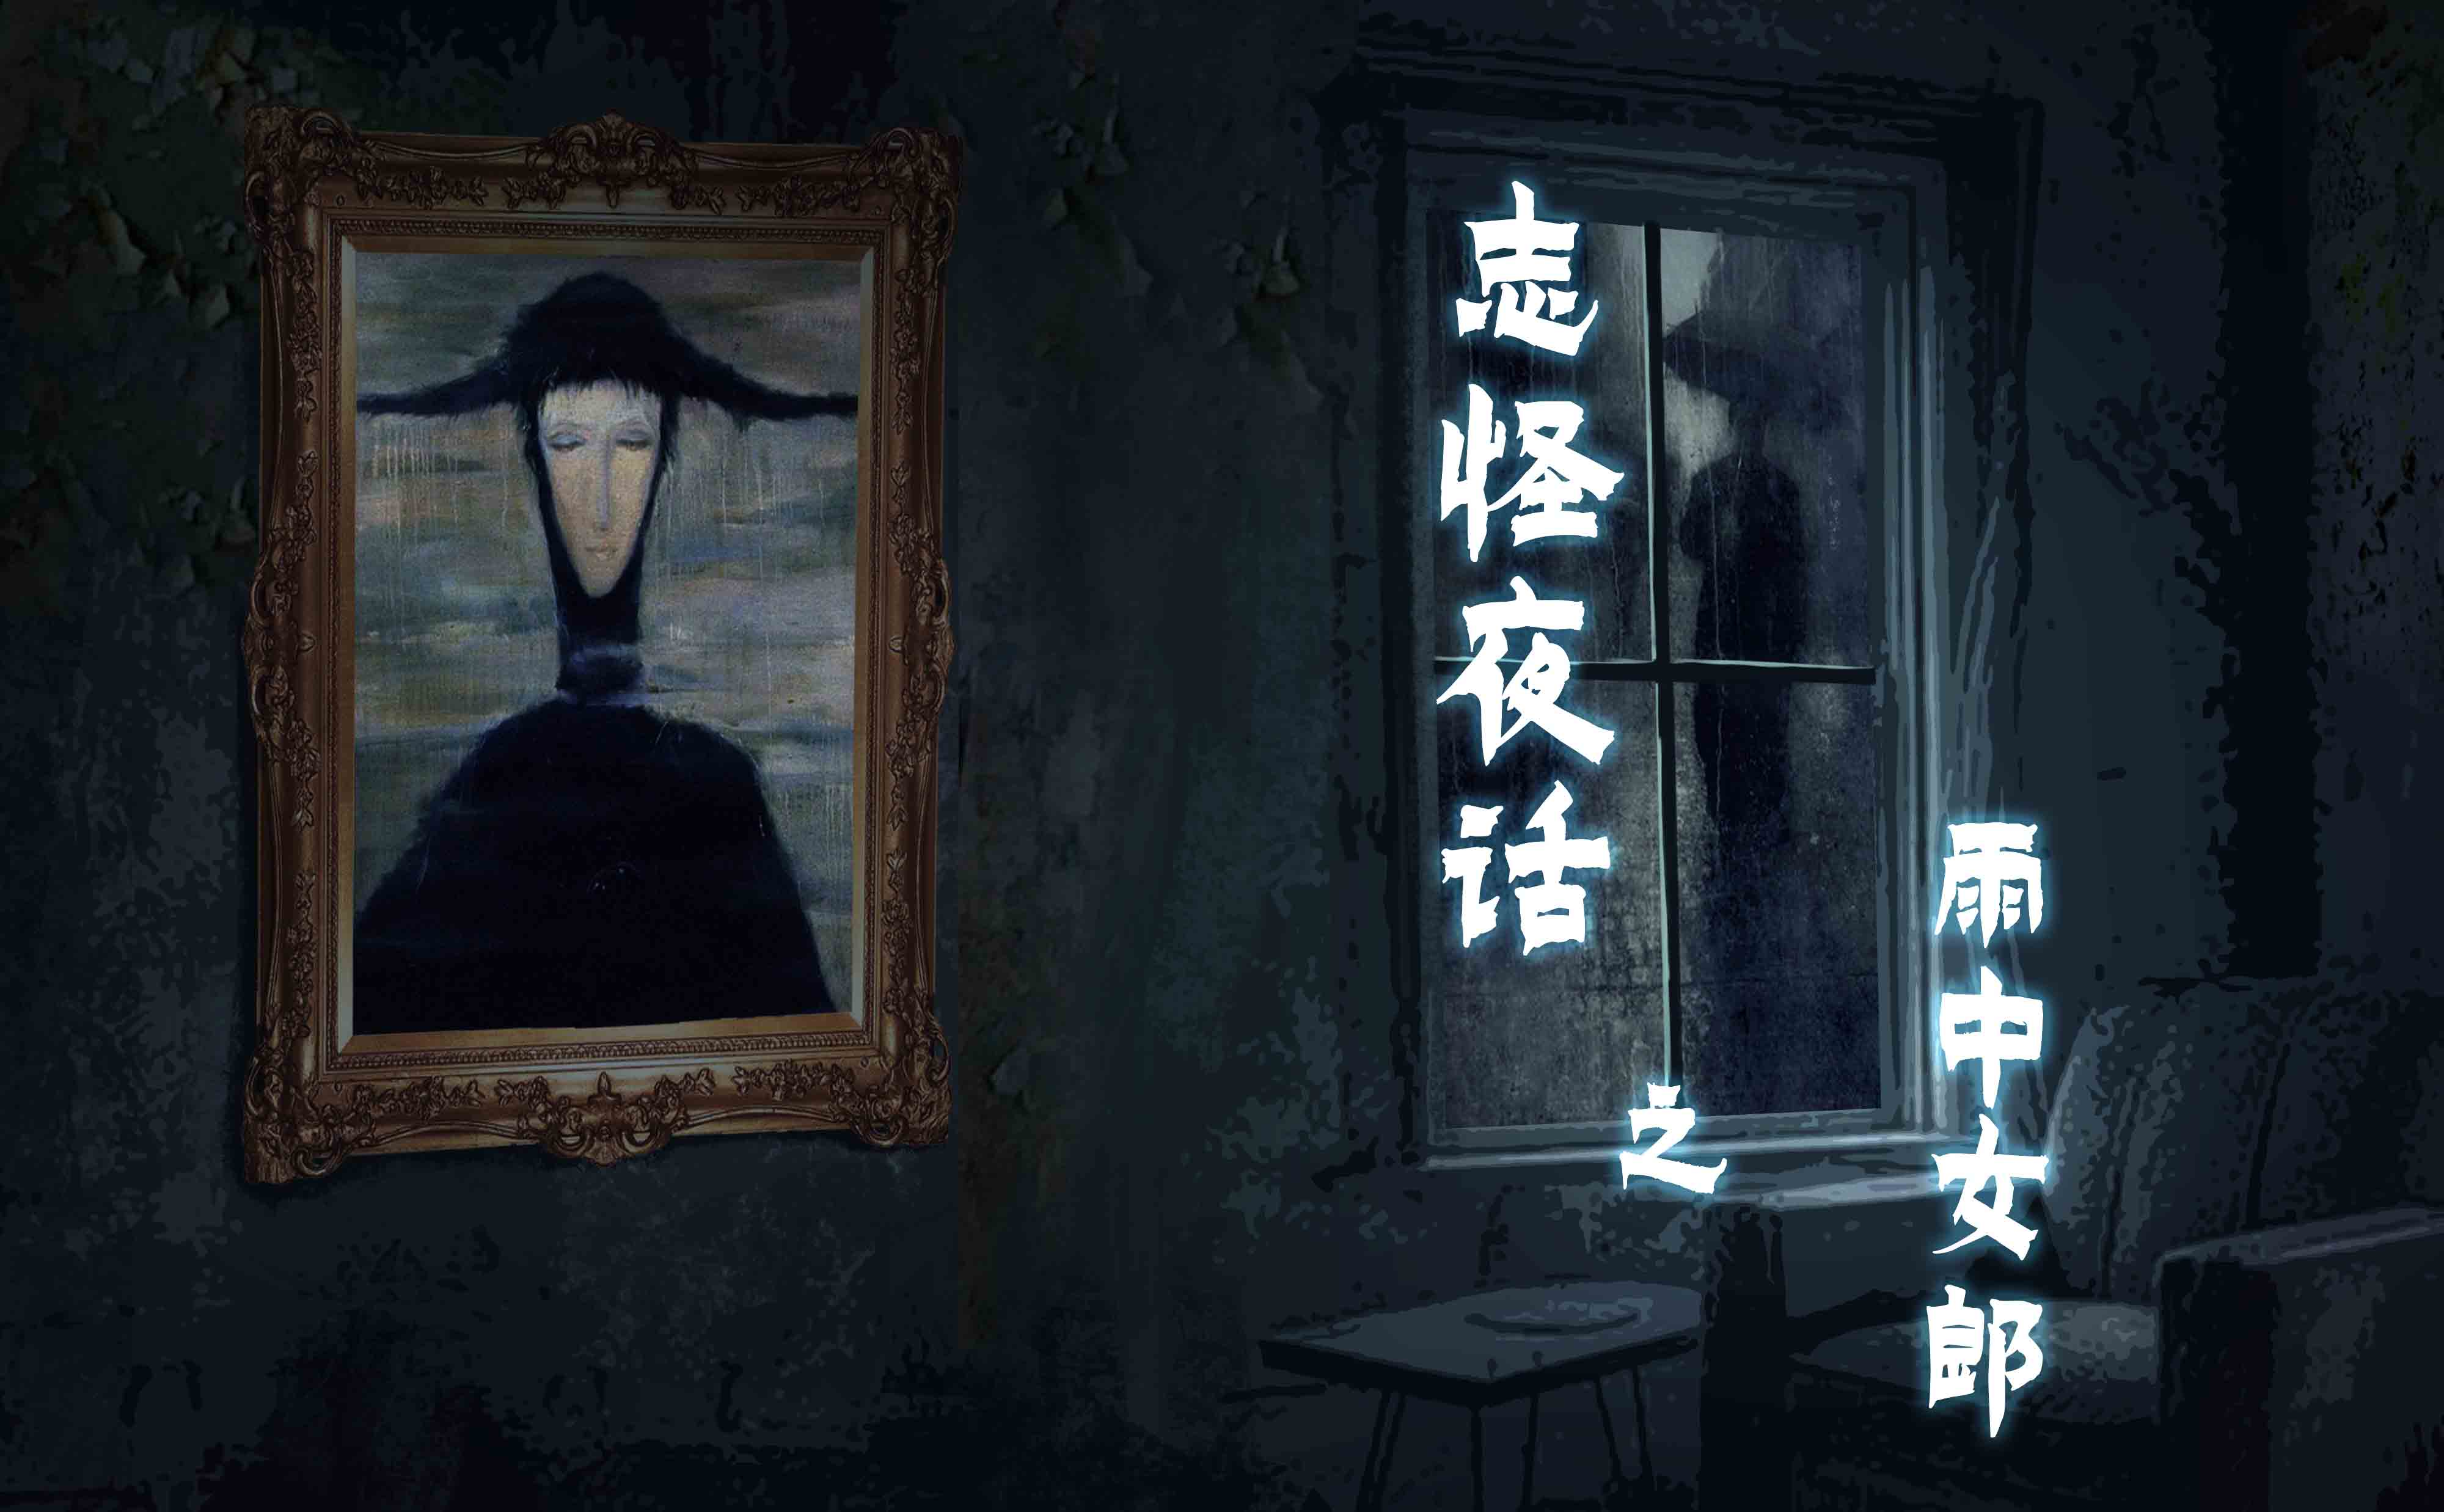 《志怪夜话之雨中女郎》剧本杀故事背景_角色简介_凶手是谁_复盘解析